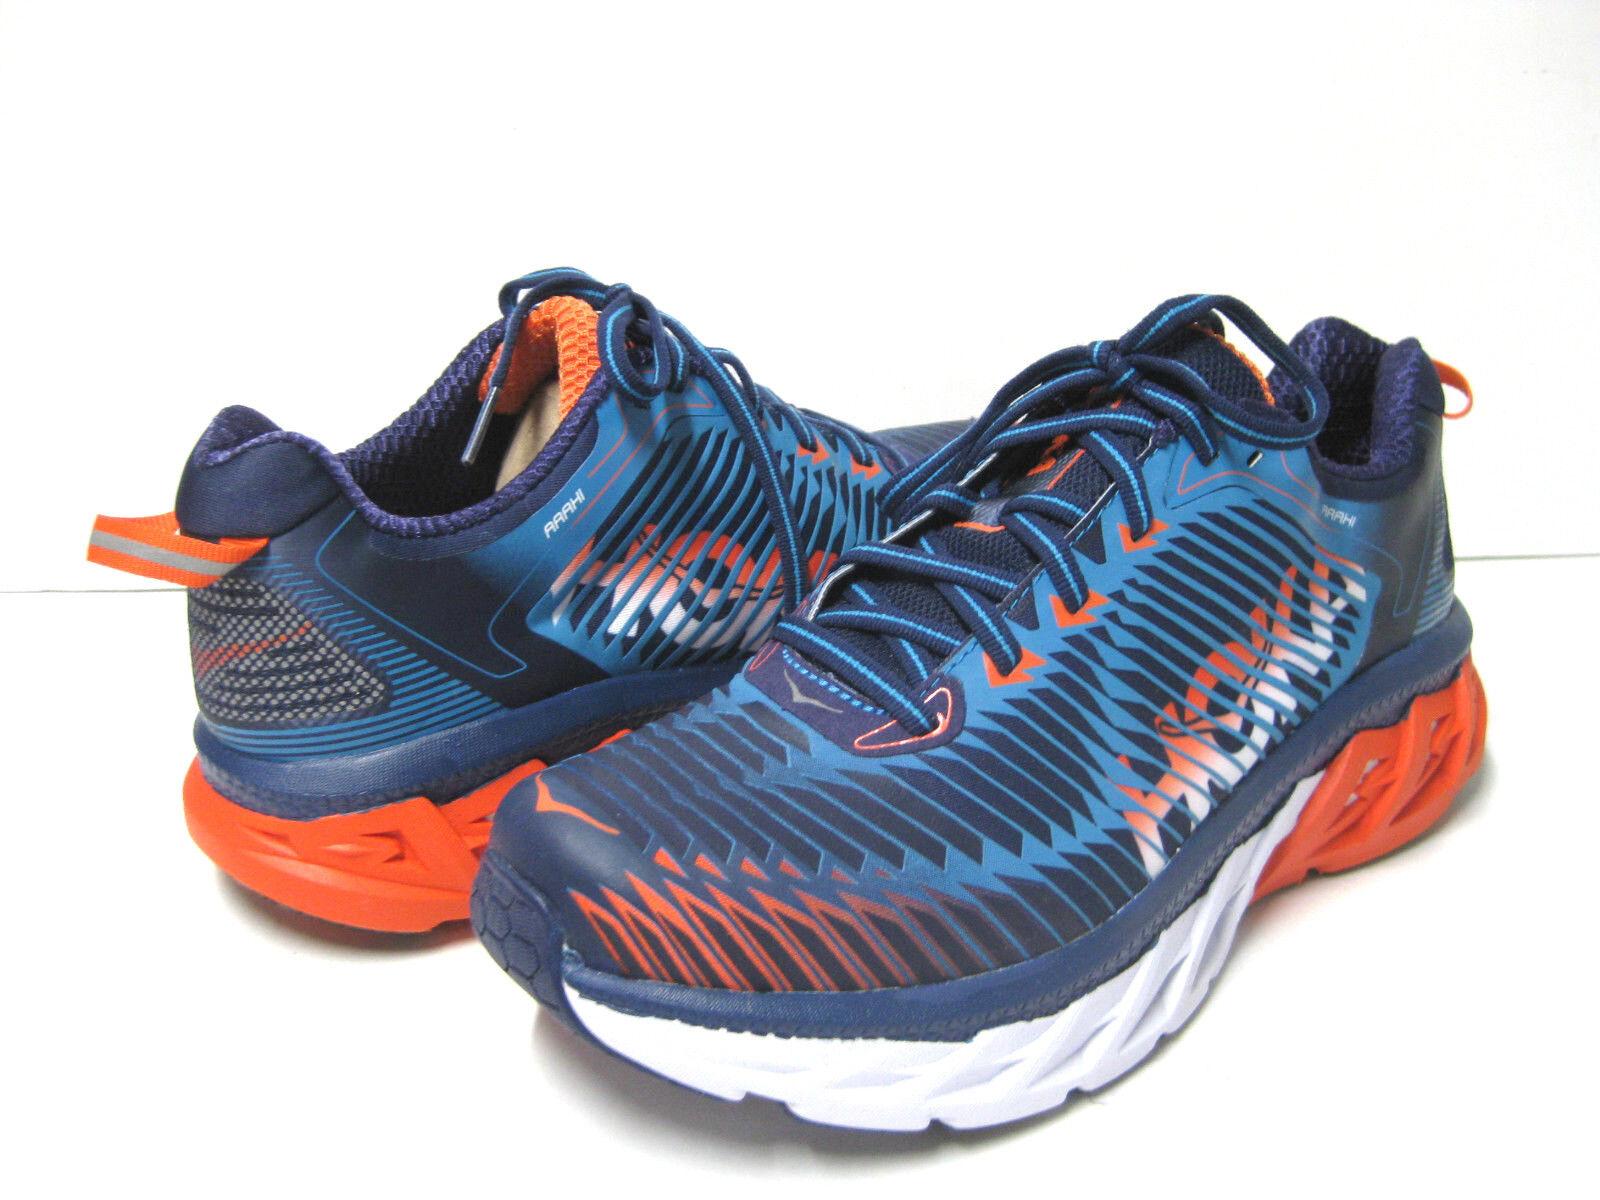 HOKA ONE ONE ARAHI MEN SPORT Blau Blau Blau   Orange US 12  UK 11.5  EU 46 2 3 dbc445